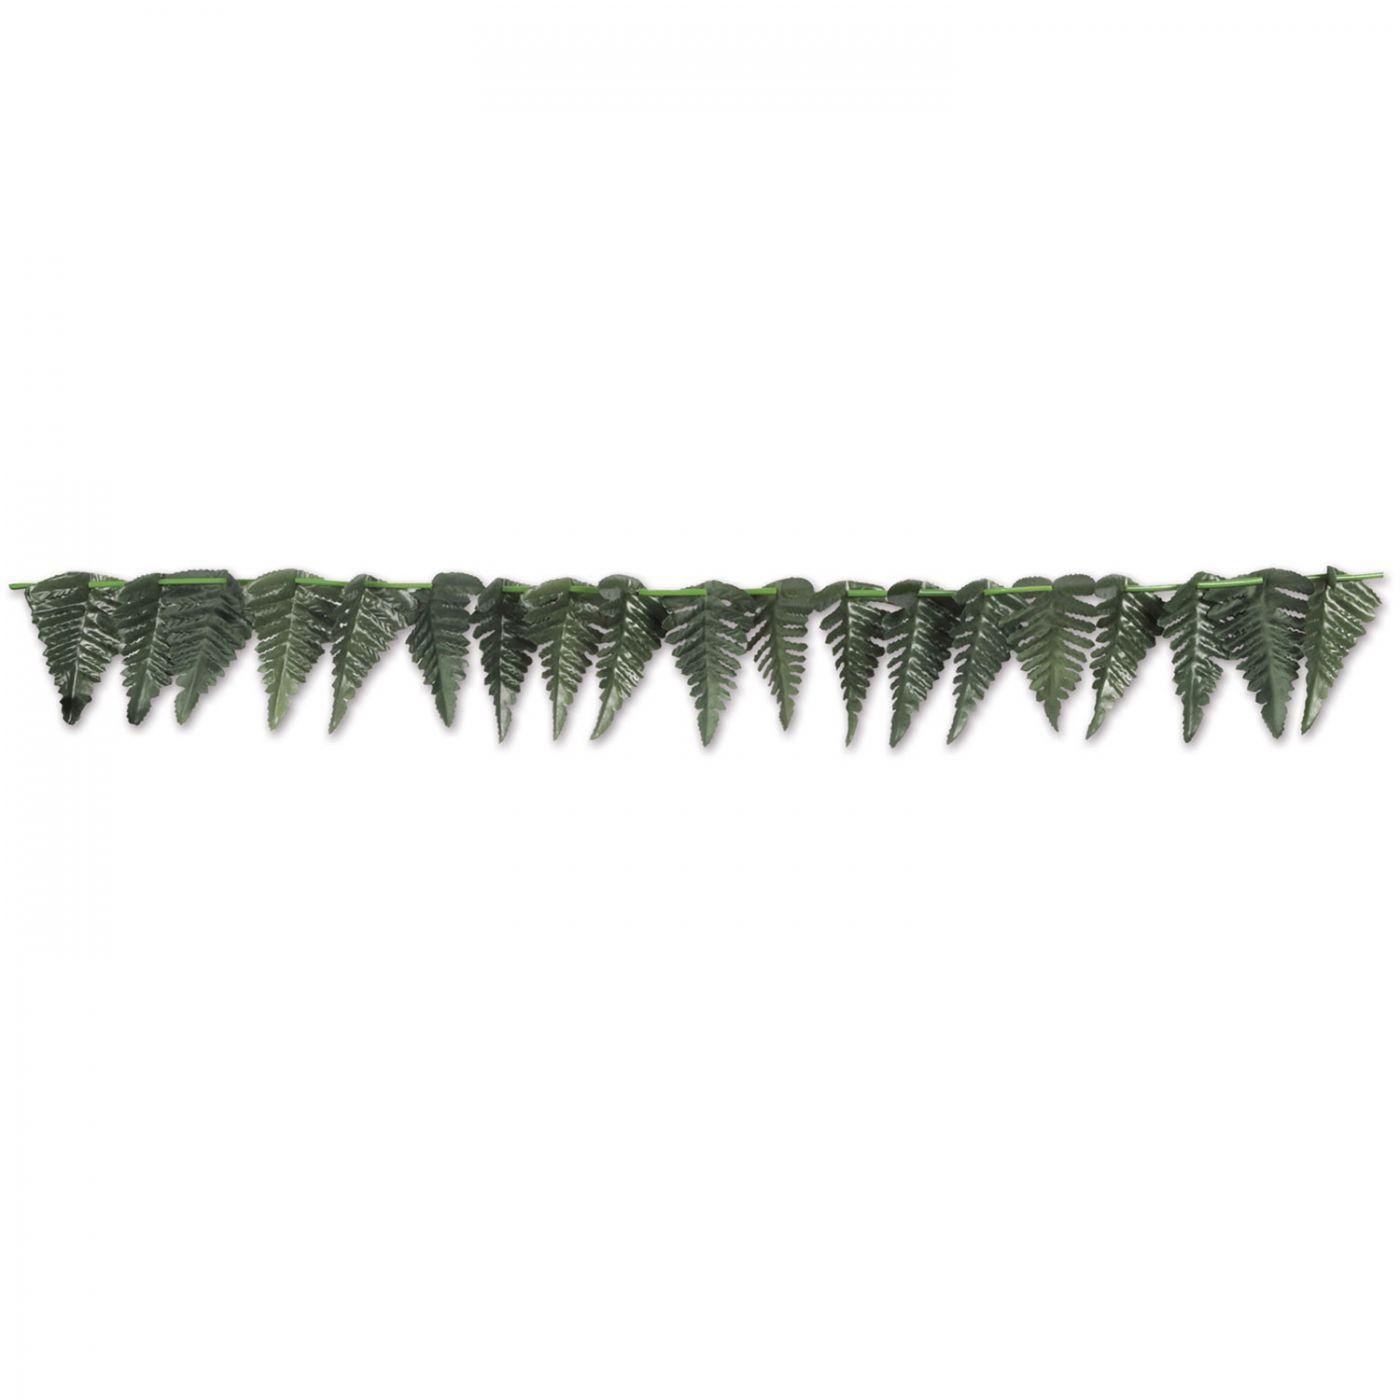 Fern Leaf Garland image